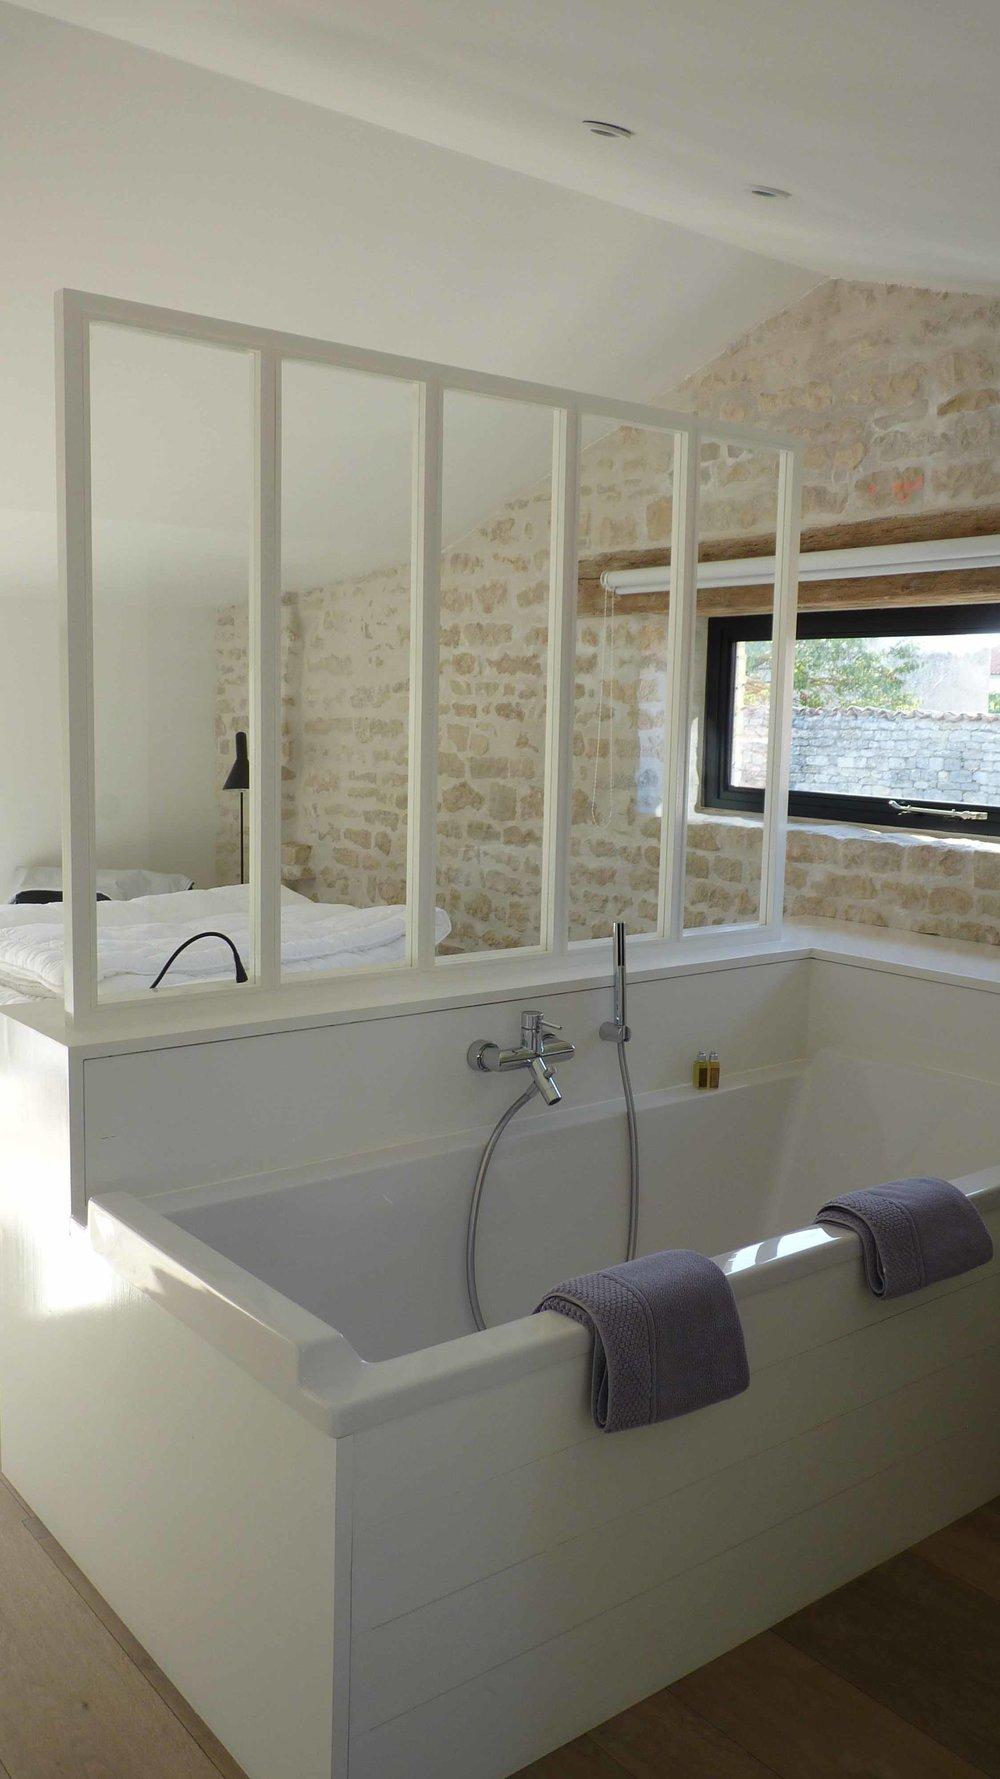 Cloison vitrée salle de bain /chambre